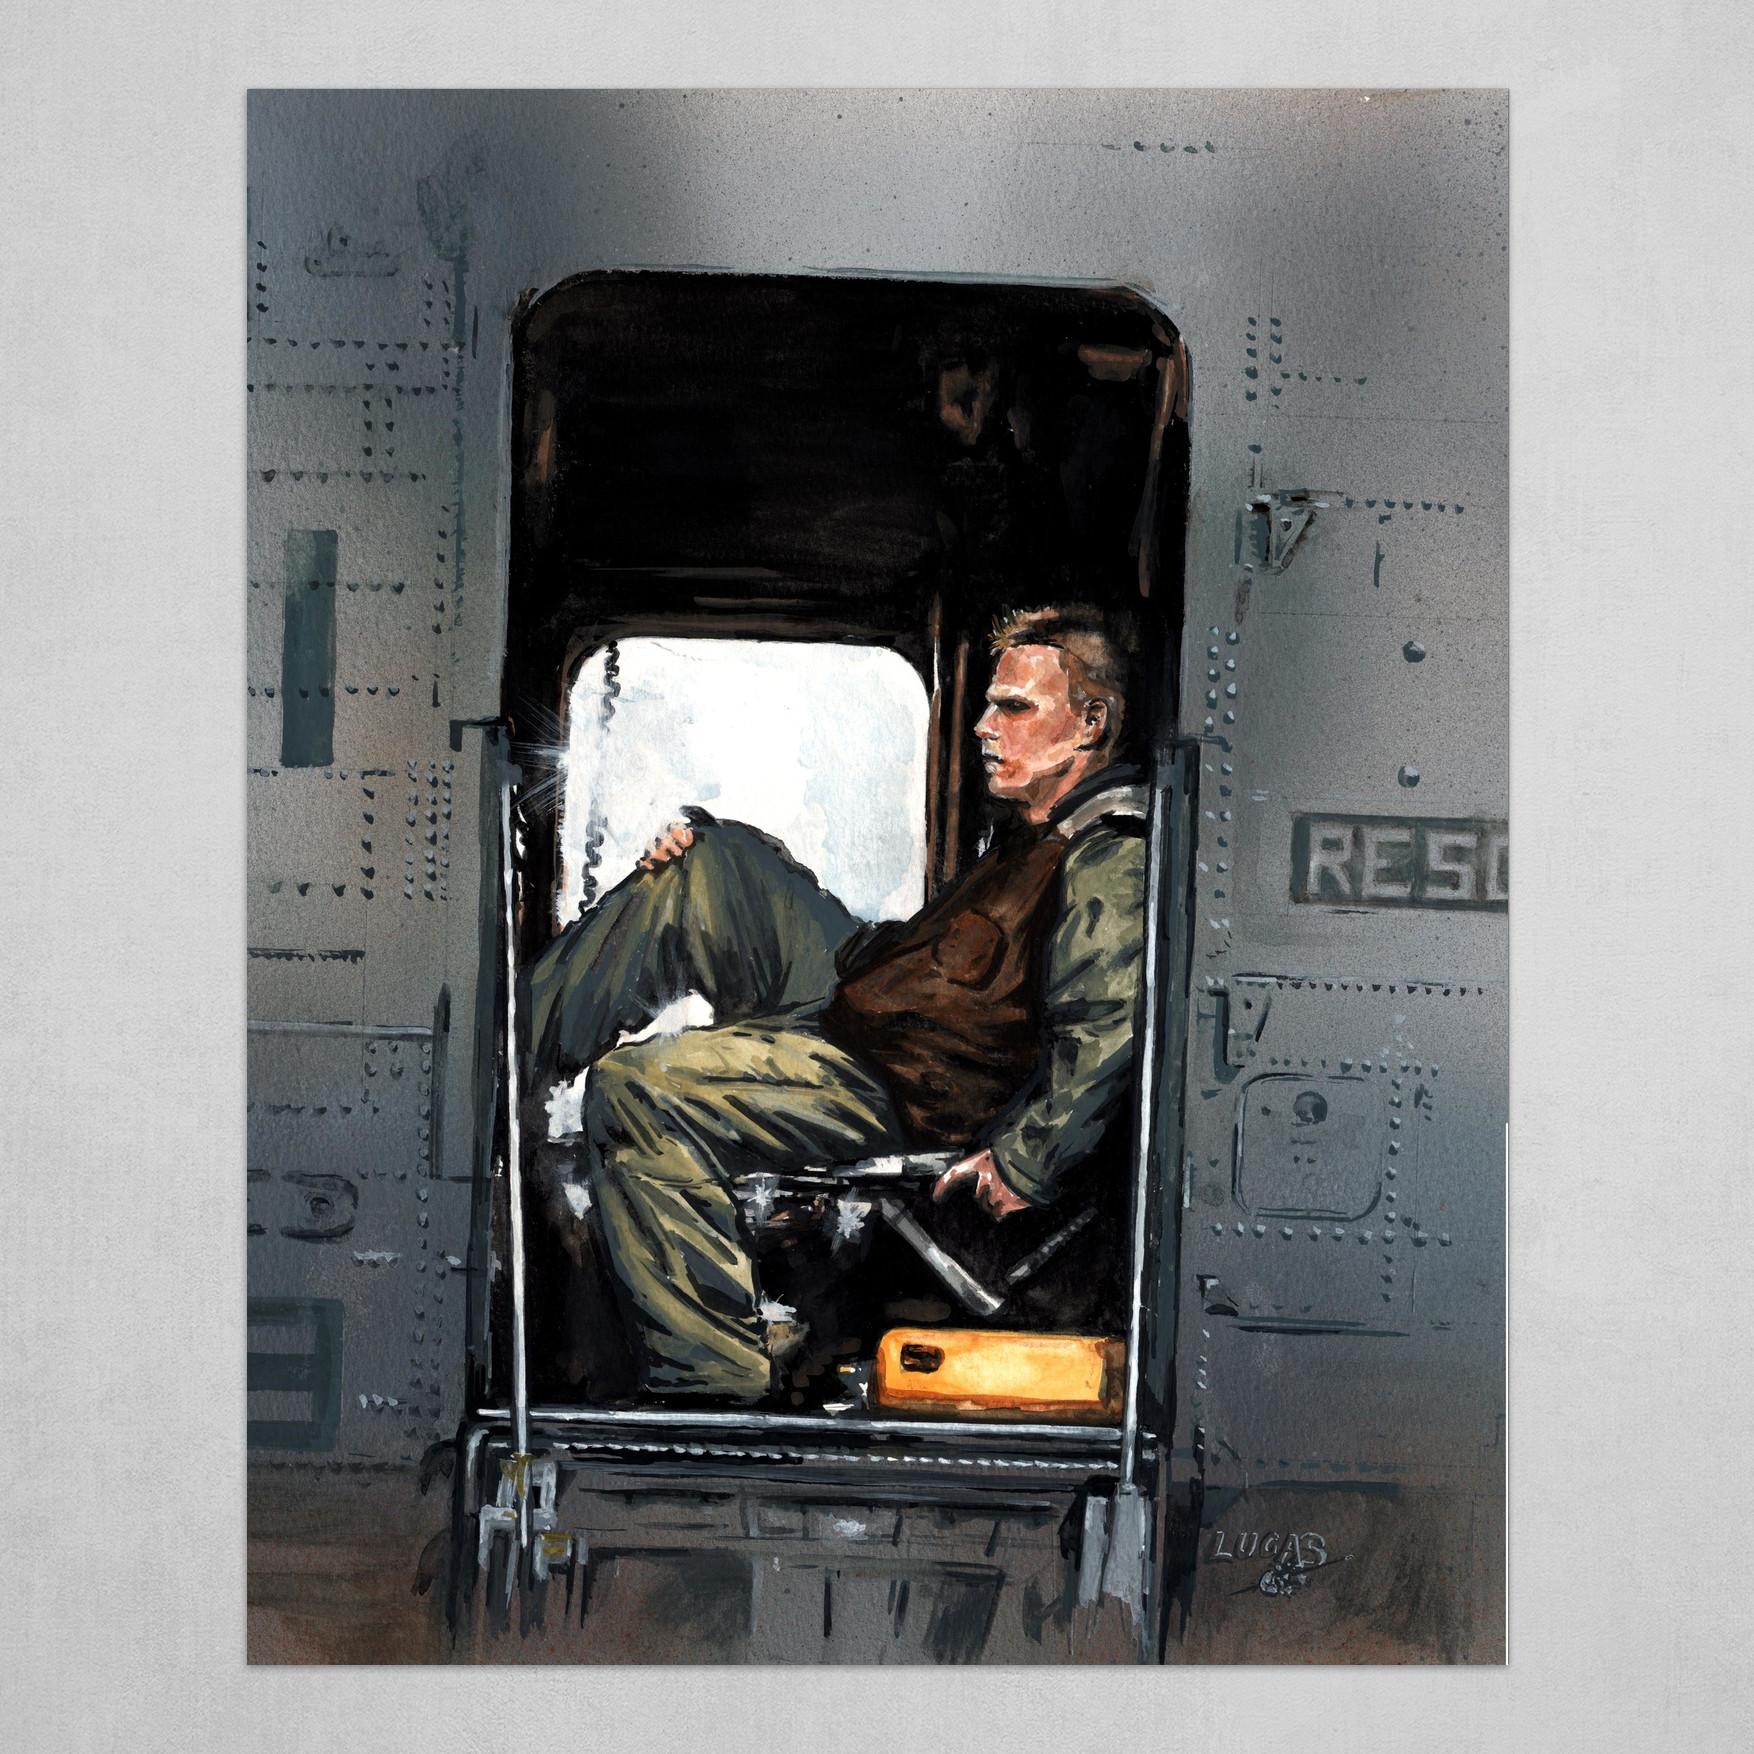 Marine Rescue - America's 9-1-1